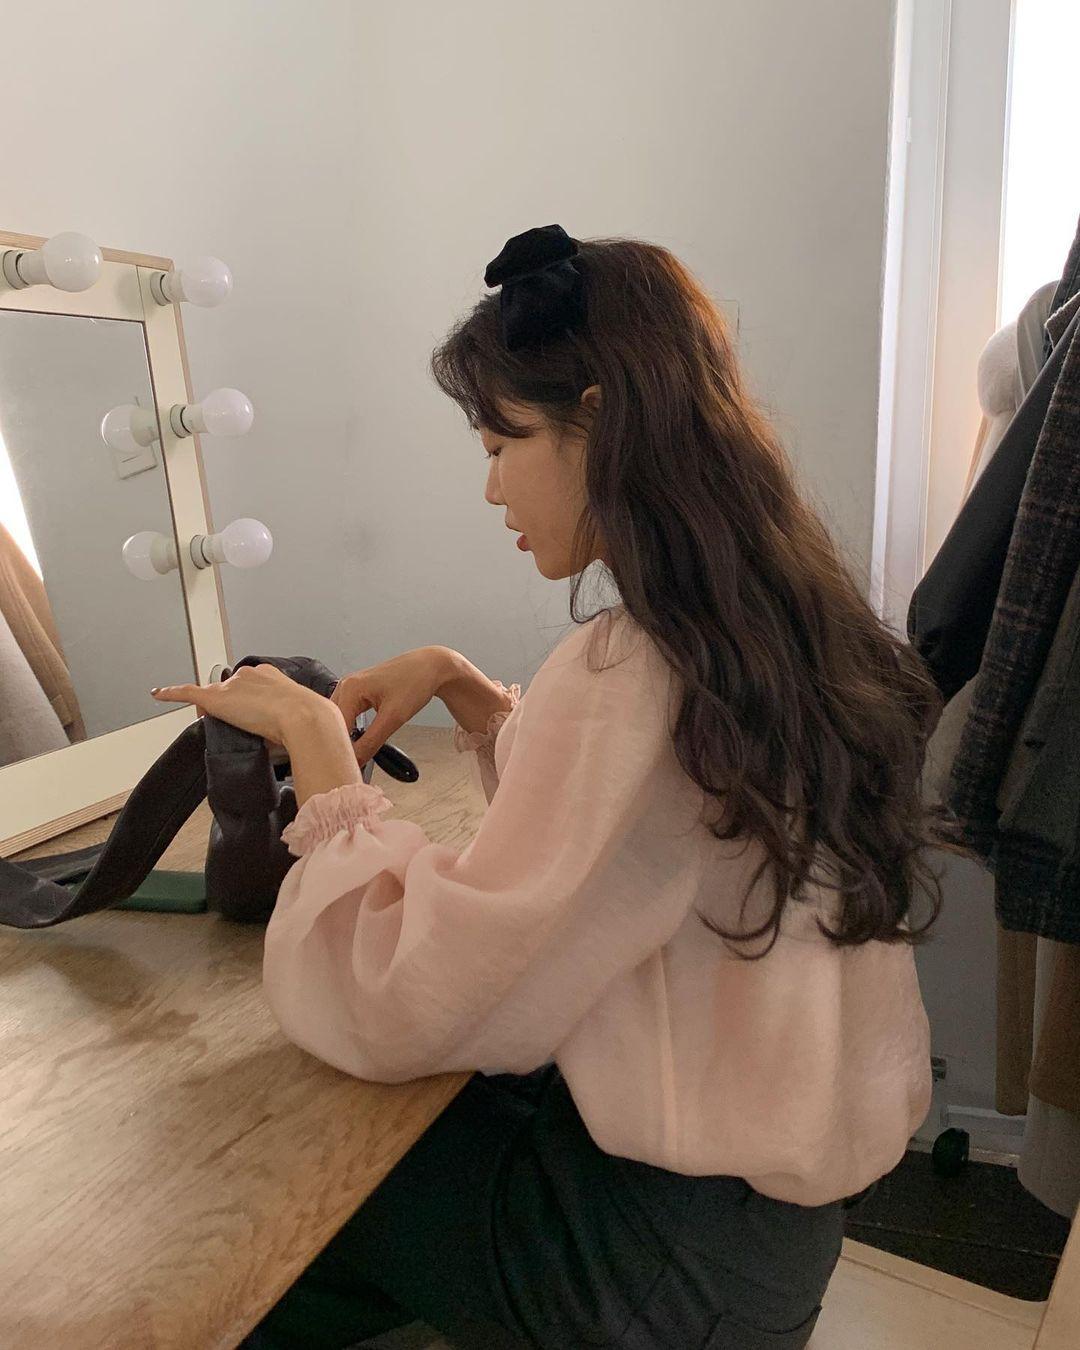 Thợ làm tóc 'hết hồn' khi thấy cách các nàng tự uốn xoăn giả tại nhà, bảo sao tóc đã không đẹp lại còn hư tổn nặng nề - Ảnh 6